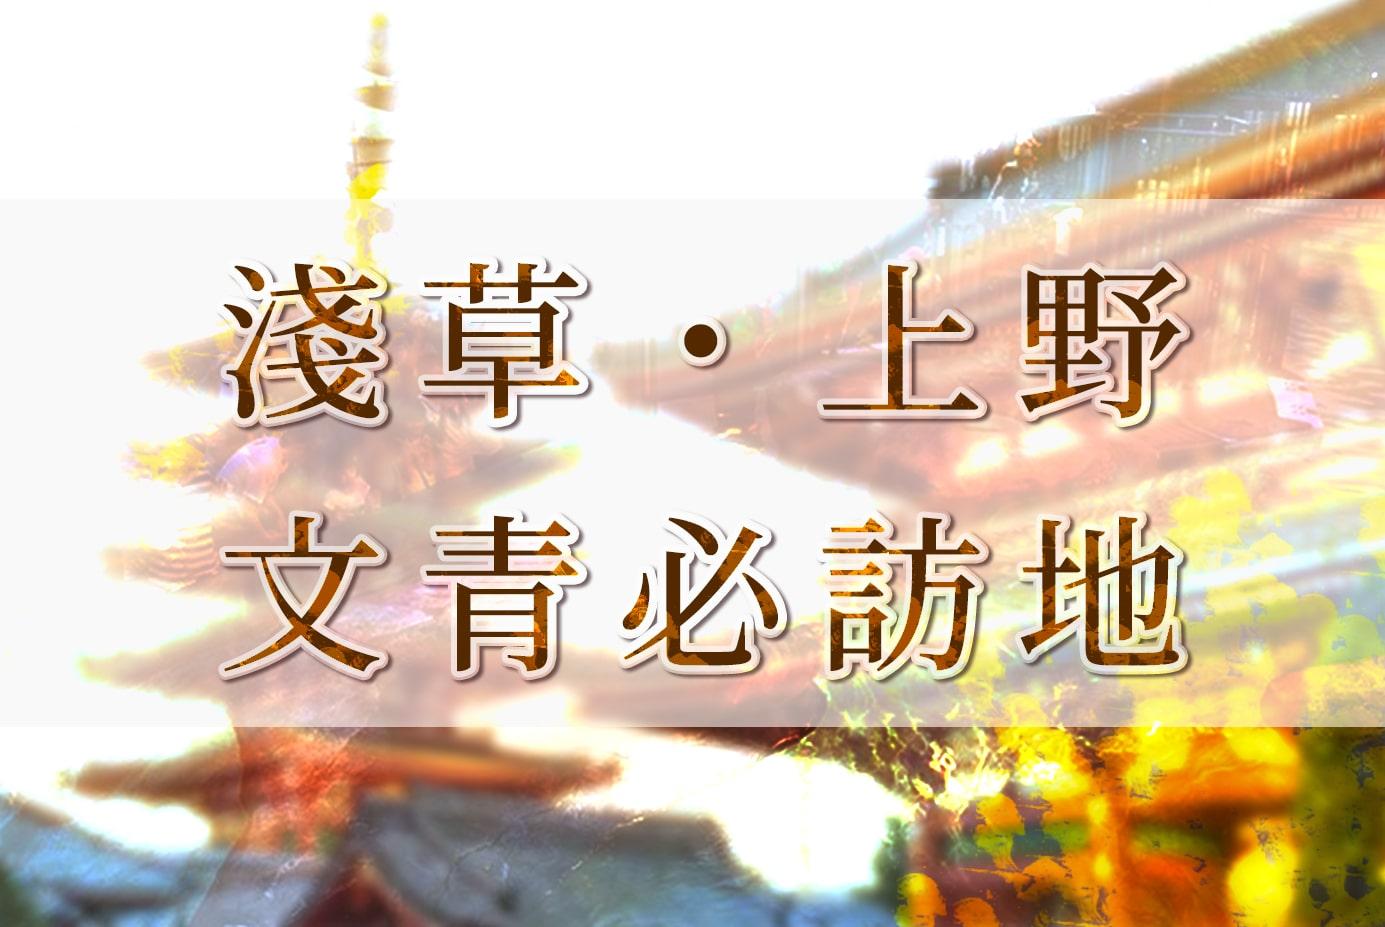 【文青必訪】2019年文藝觀光最新推薦,東京上野・淺草周邊景點大公開(上篇)